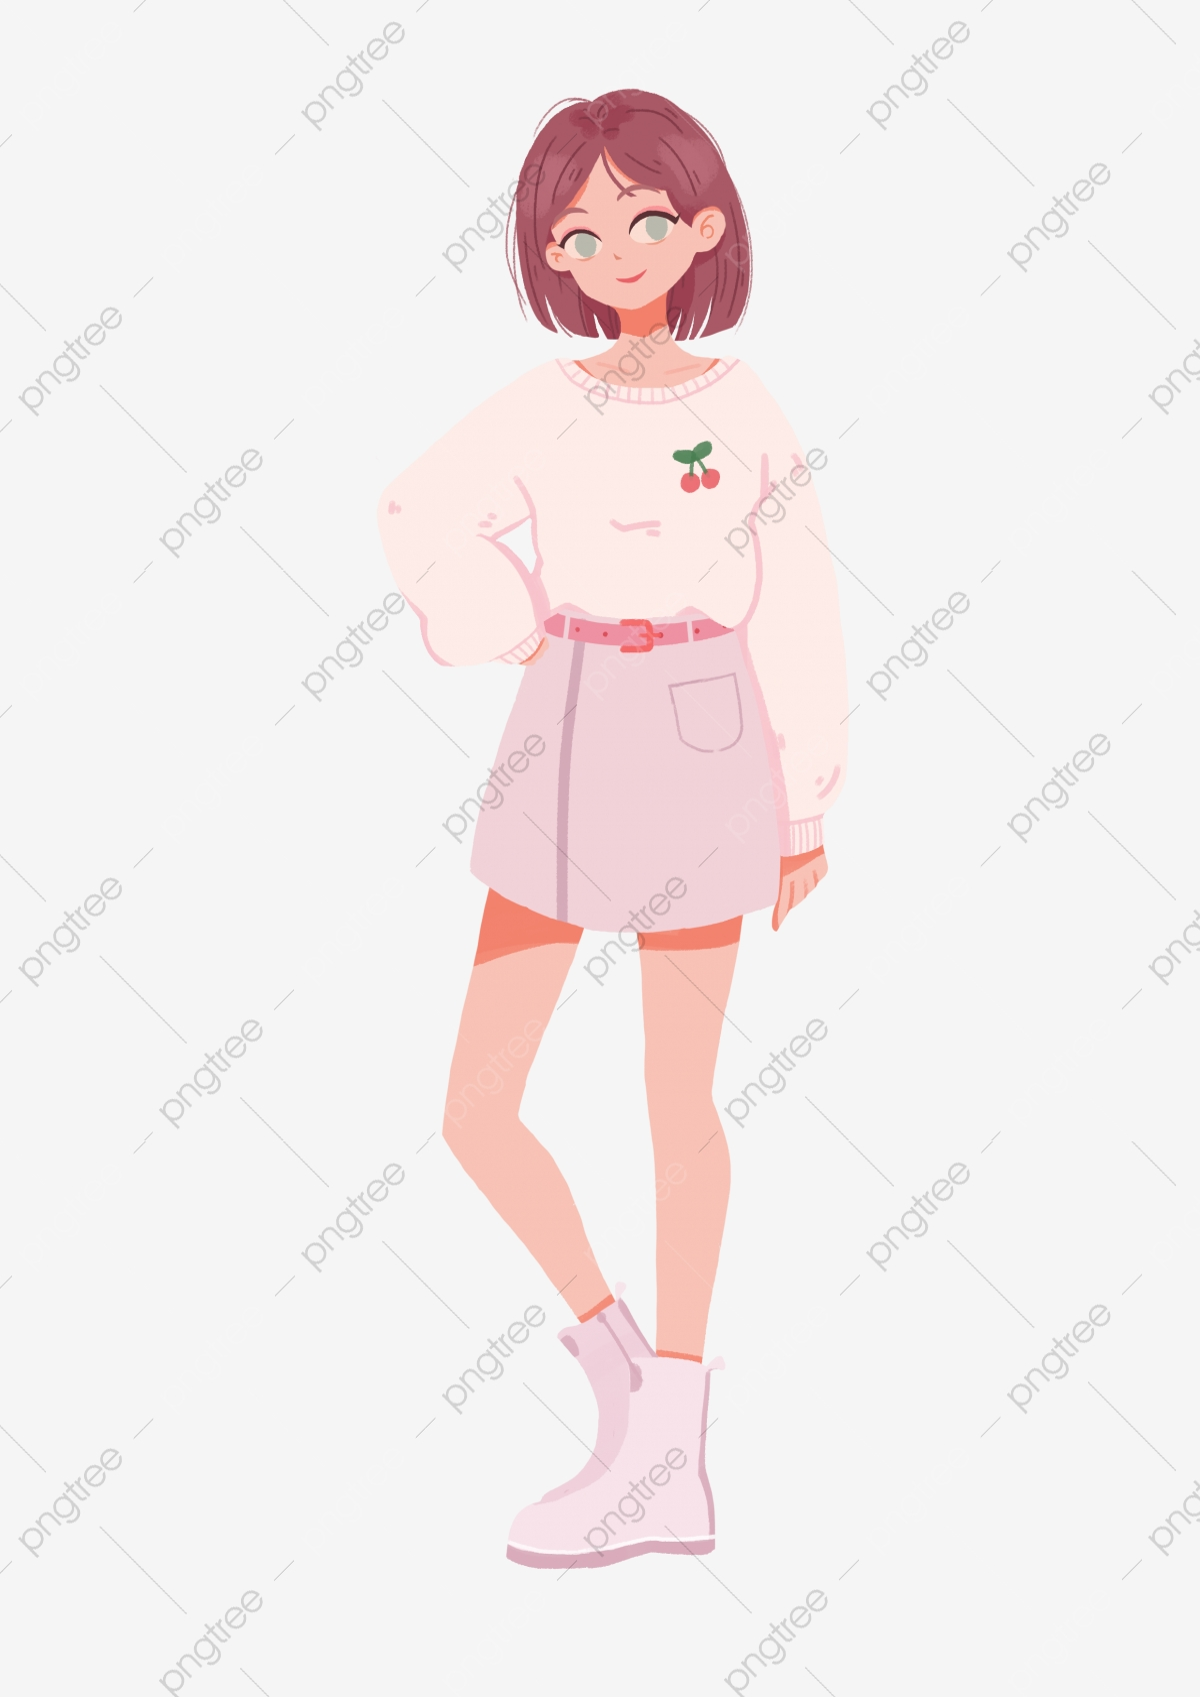 Gambar Hari Kanak Kanak Perempuan Musim Bunga Memakai Gadis Skirt Kasut Kanvas Berdiri Png Dan Psd Untuk Muat Turun Percuma